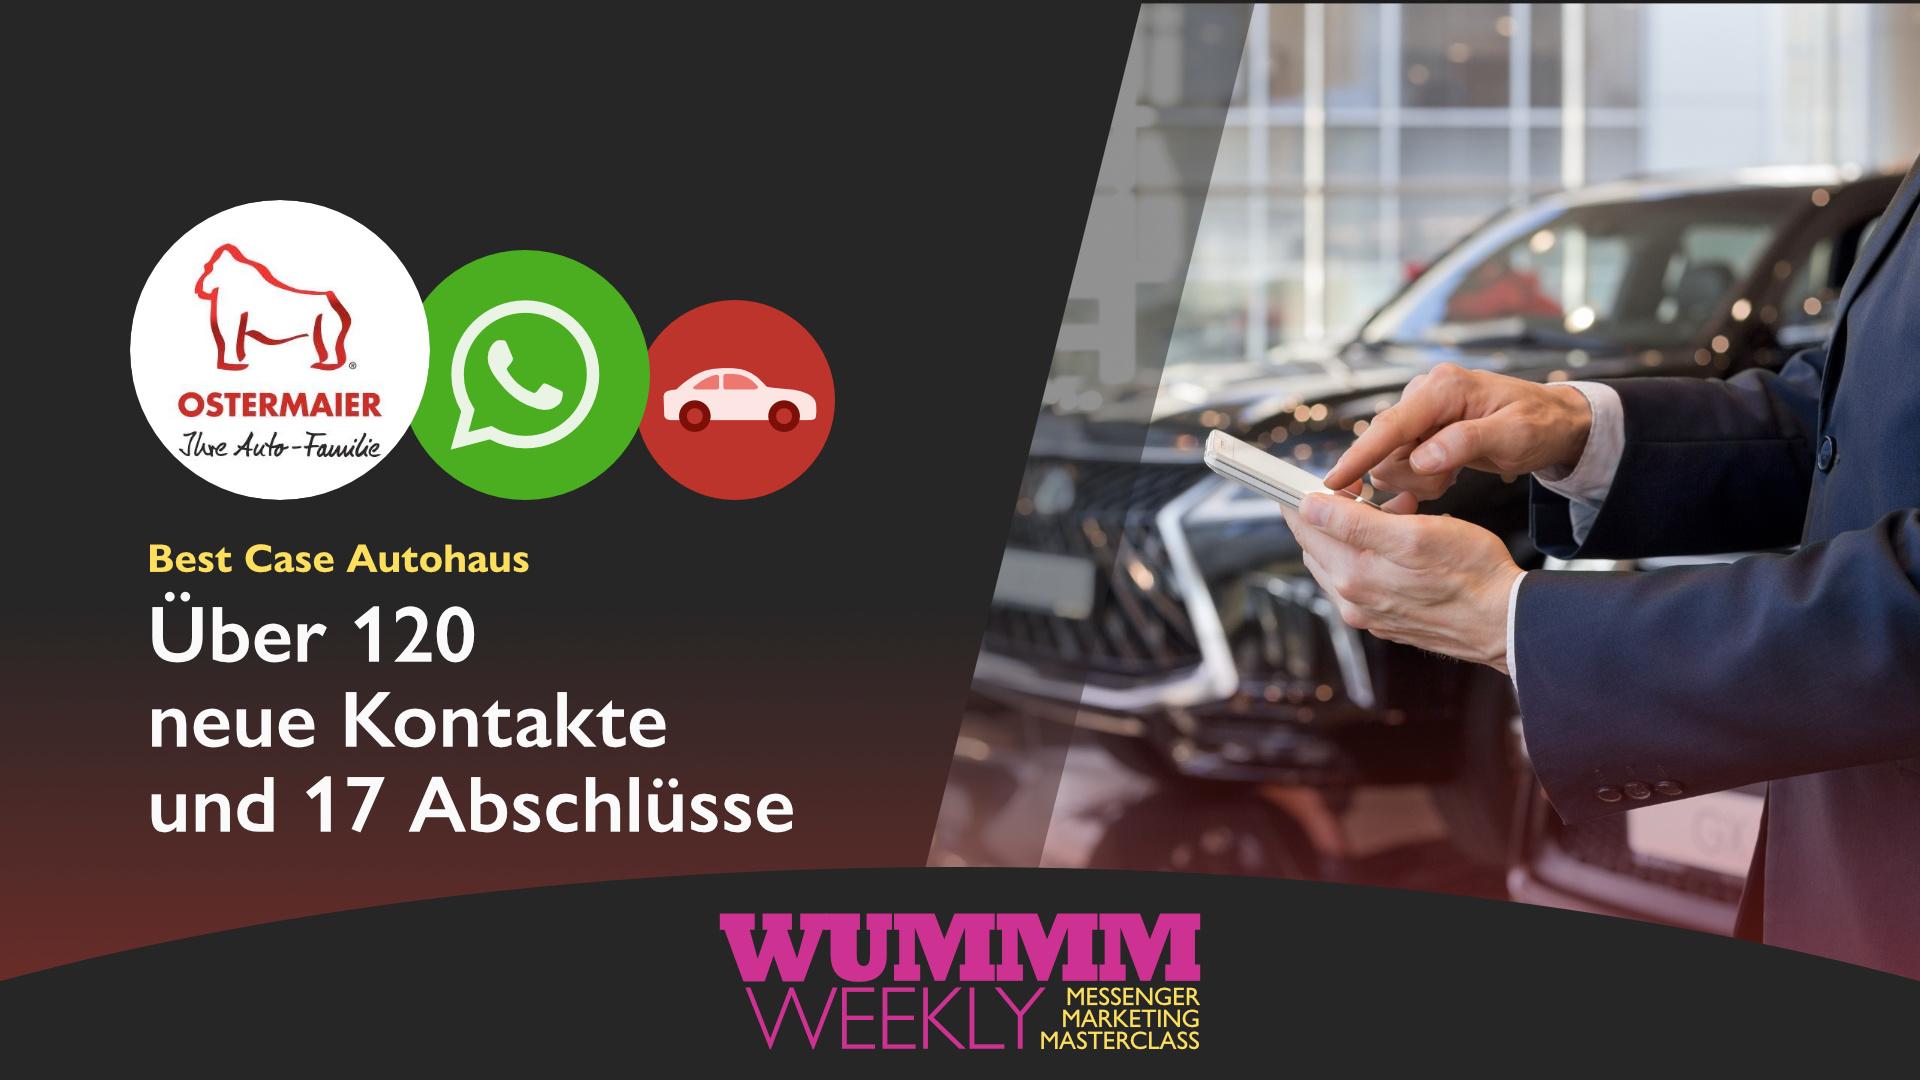 Best Case Autohaus